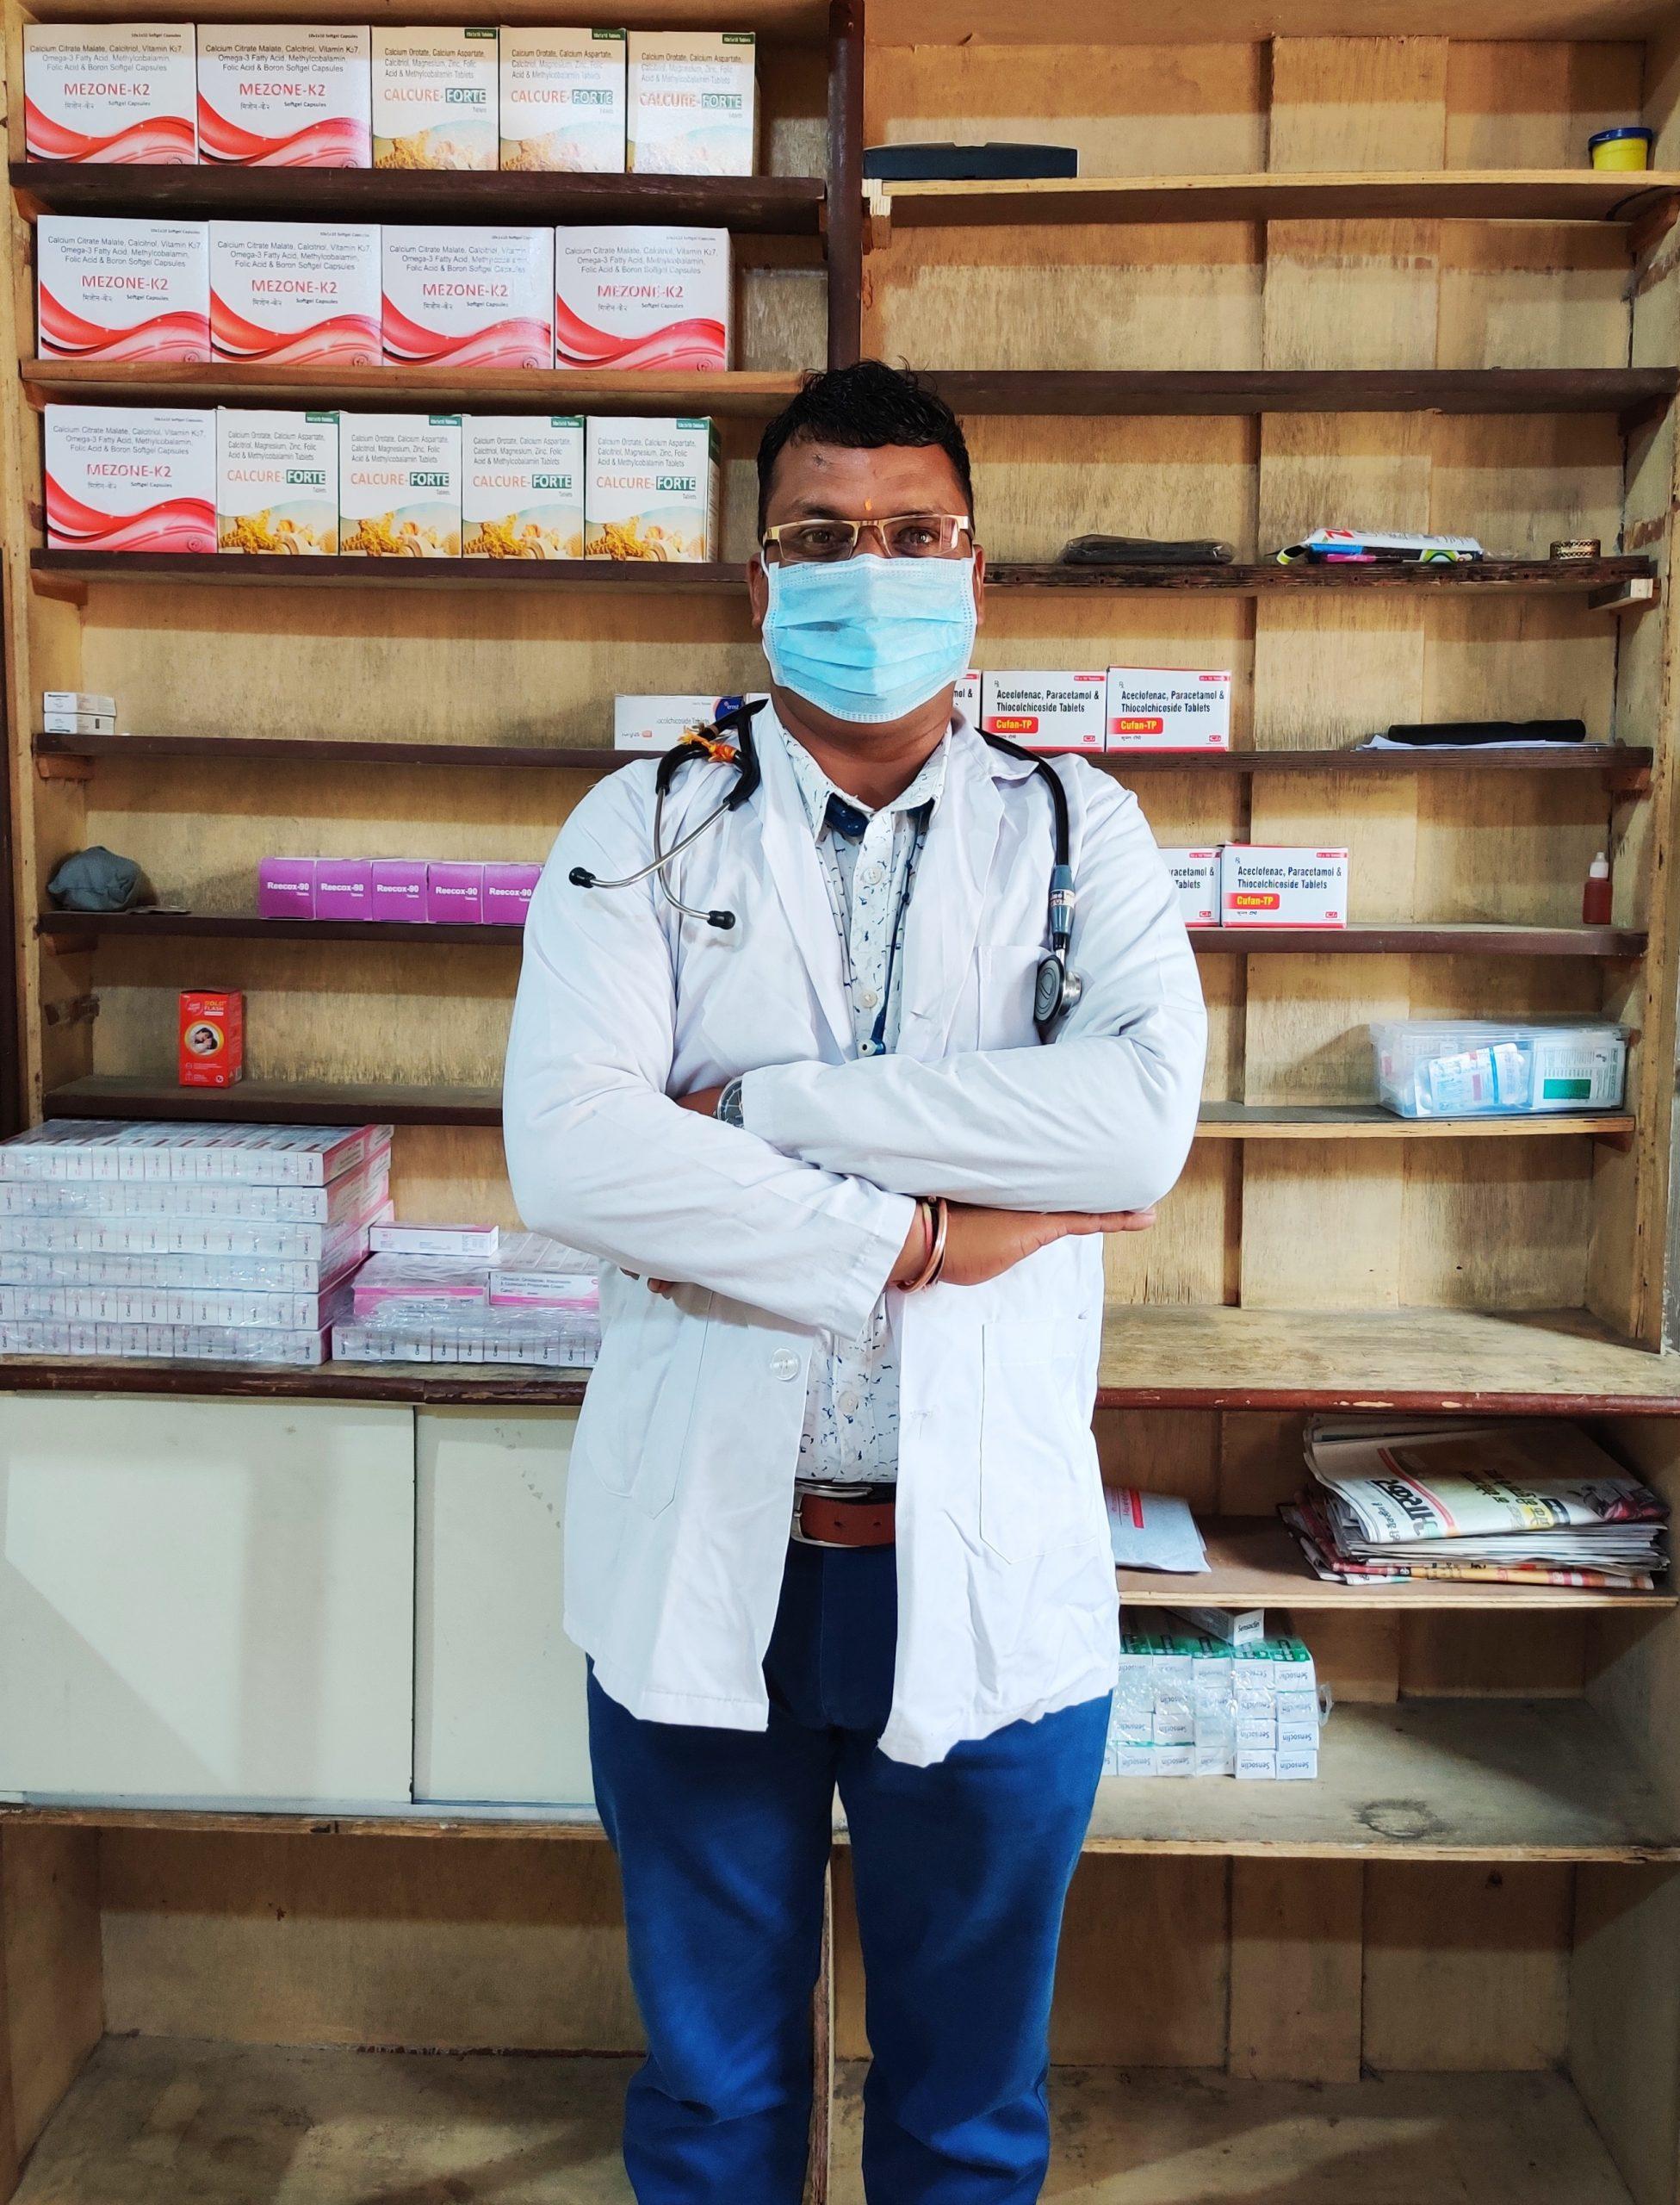 An on duty doctor